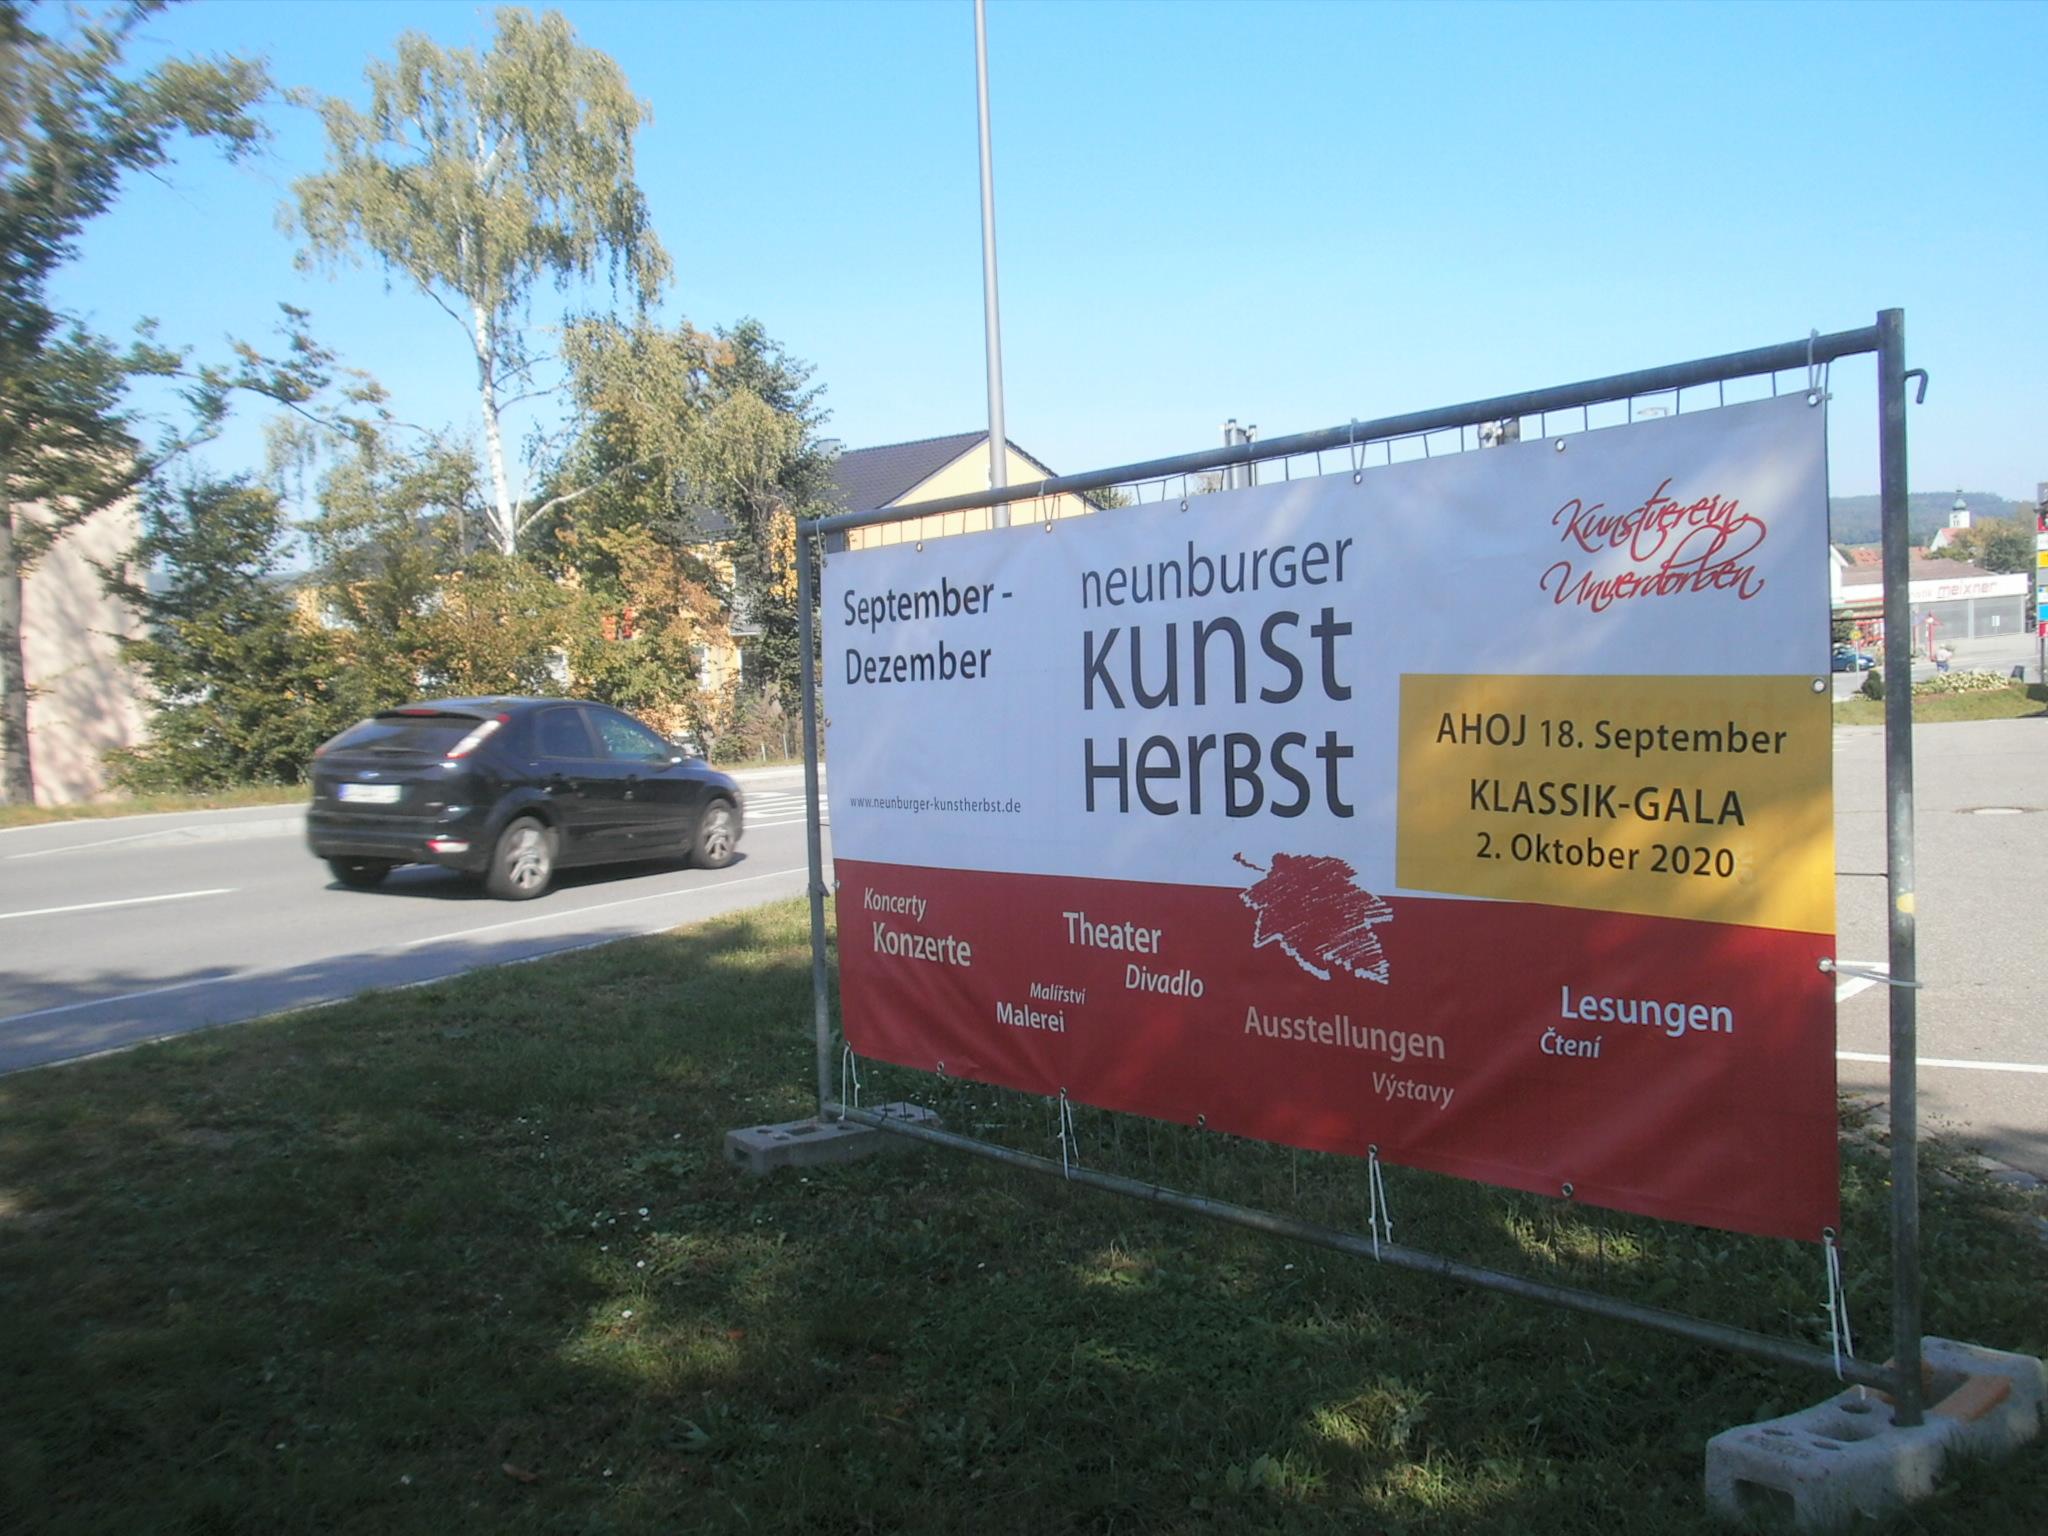 Großflächige Werbebanner an den Ausfallstraßen lenken das Augenmerk auf den Neunburger Kunstherbst '20.